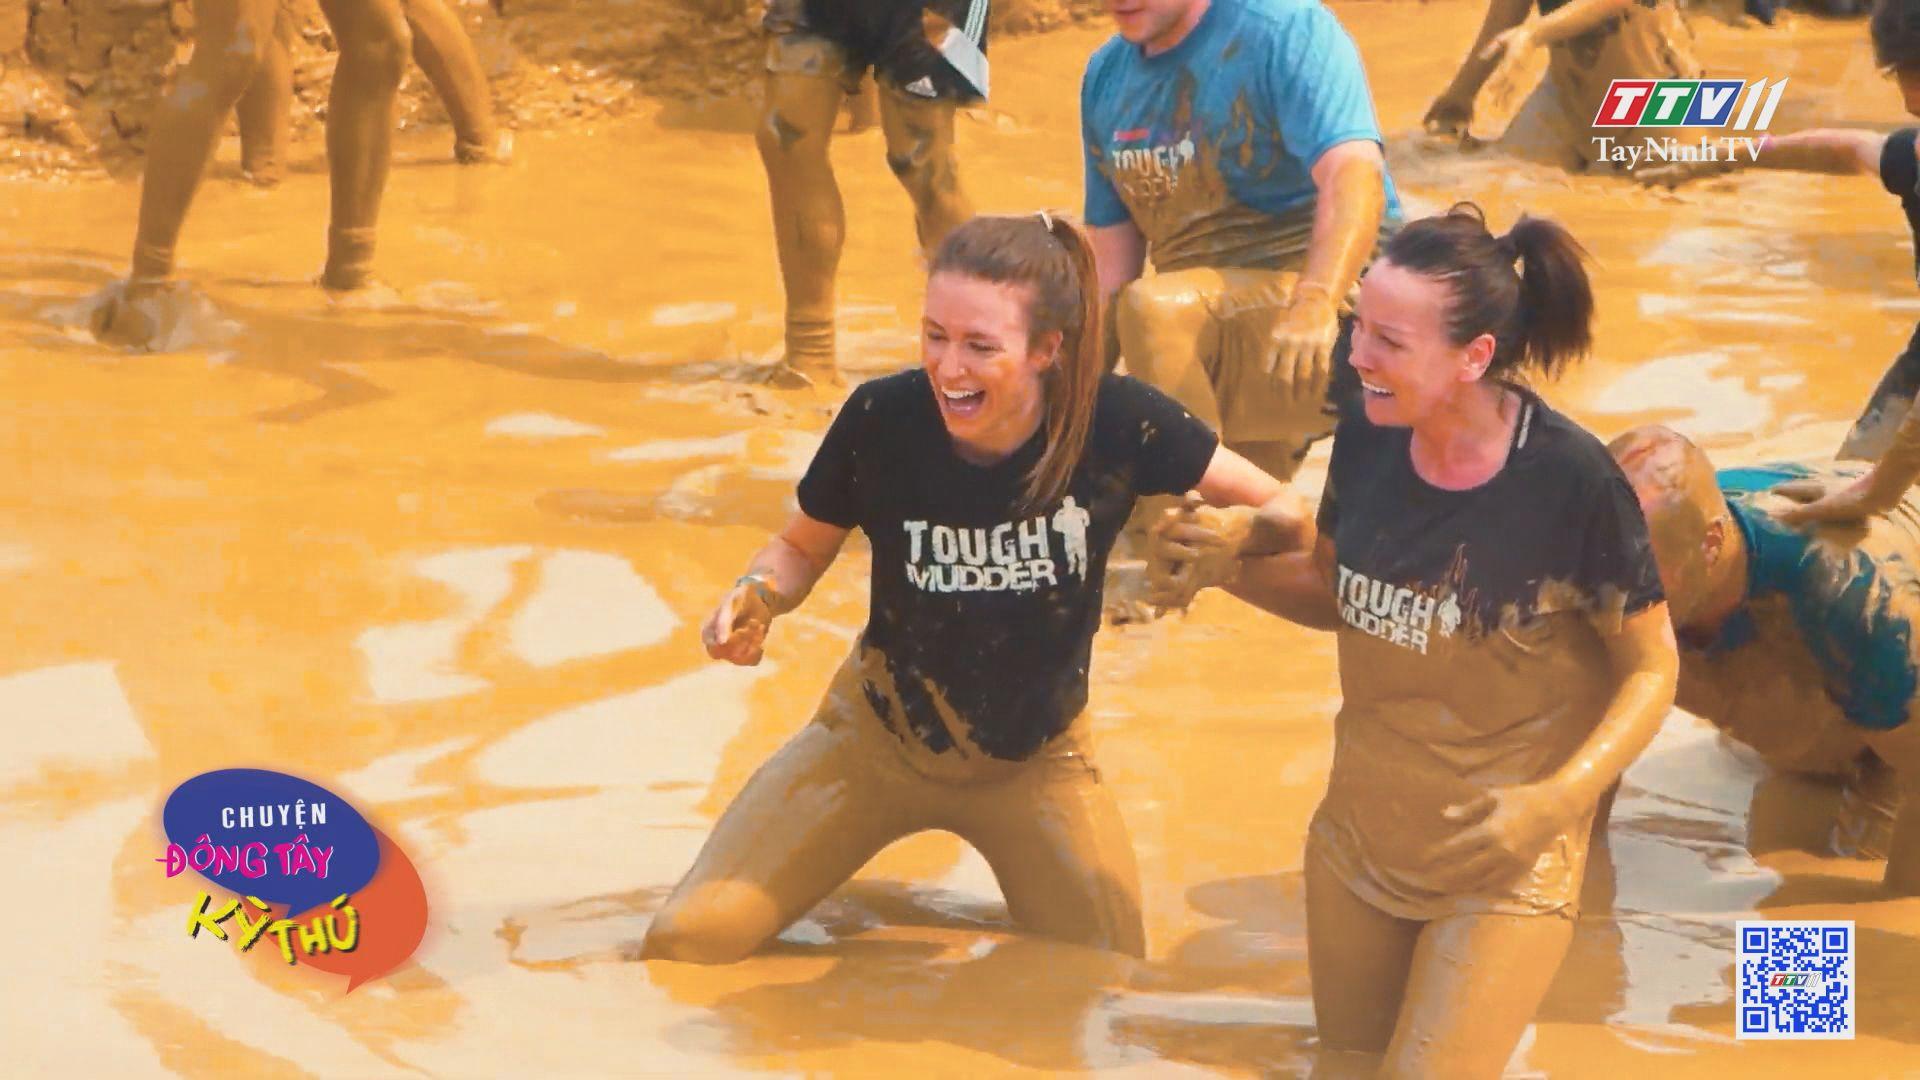 Tough Mudder: cuộc thi khắc nghiệt nhất thế giới | CHUYỆN ĐÔNG TÂY KỲ THÚ | TayNinhTV